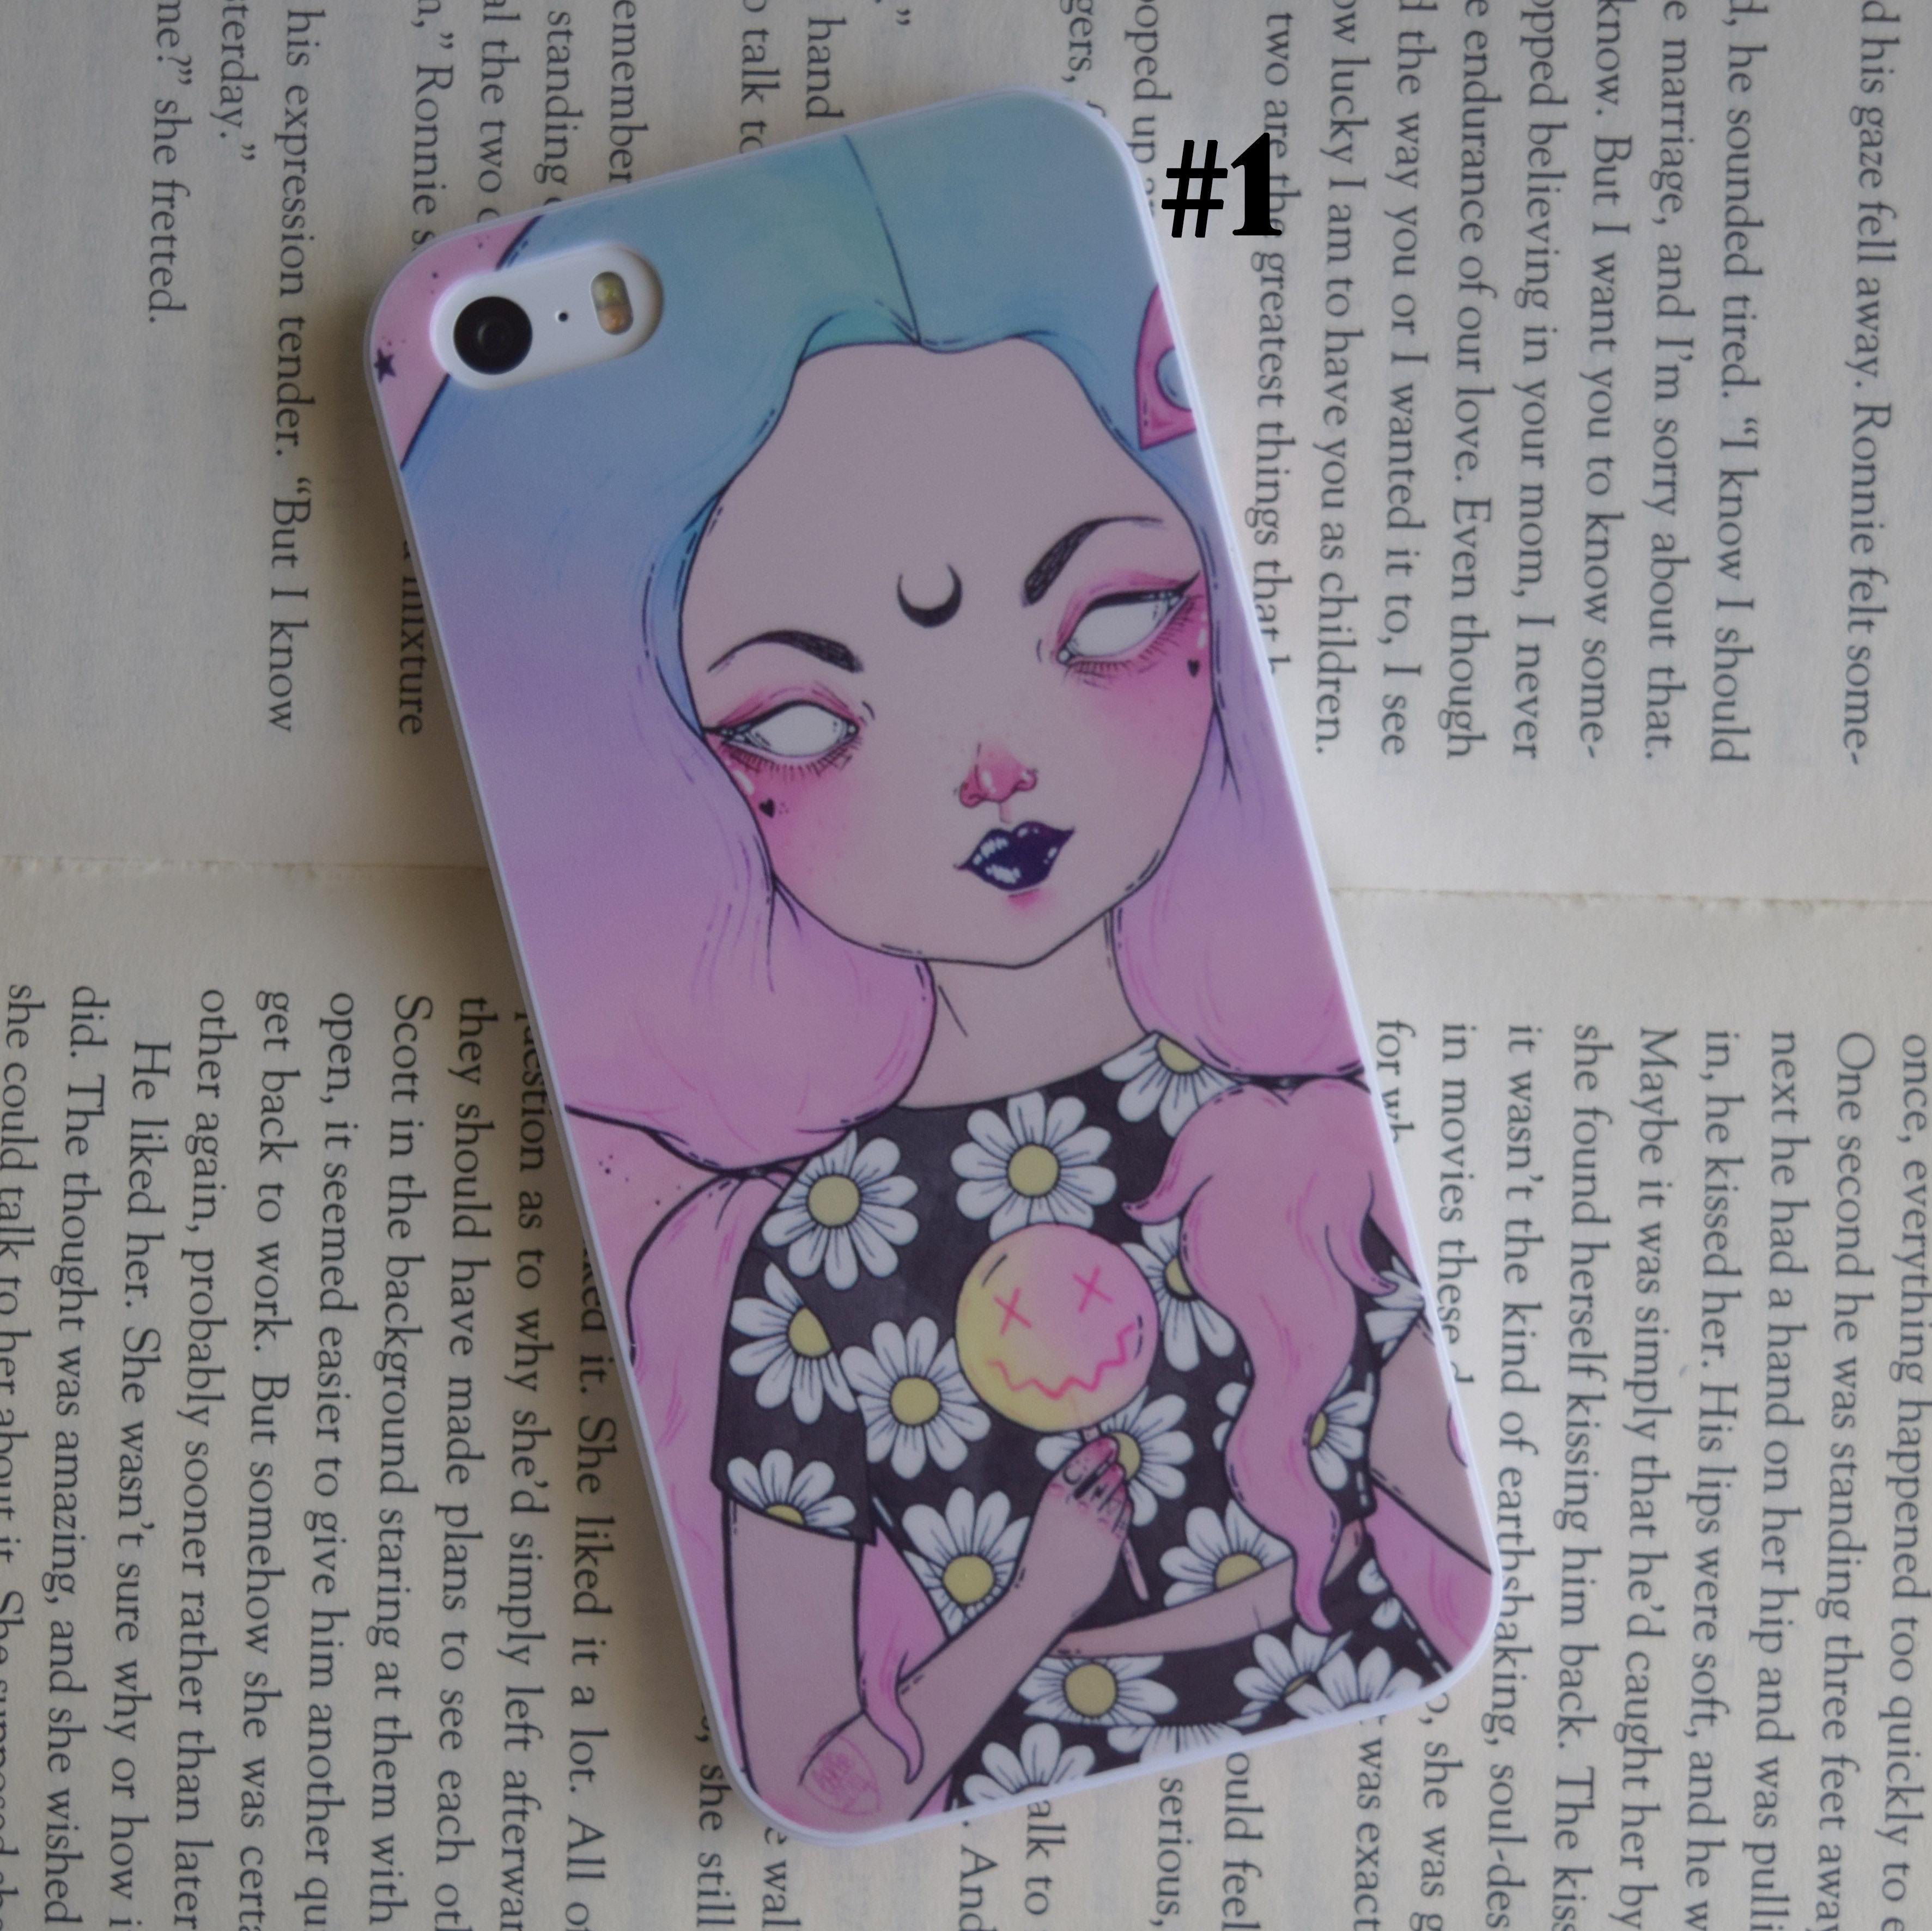 Rad iPhone 5/5s/SE Cases